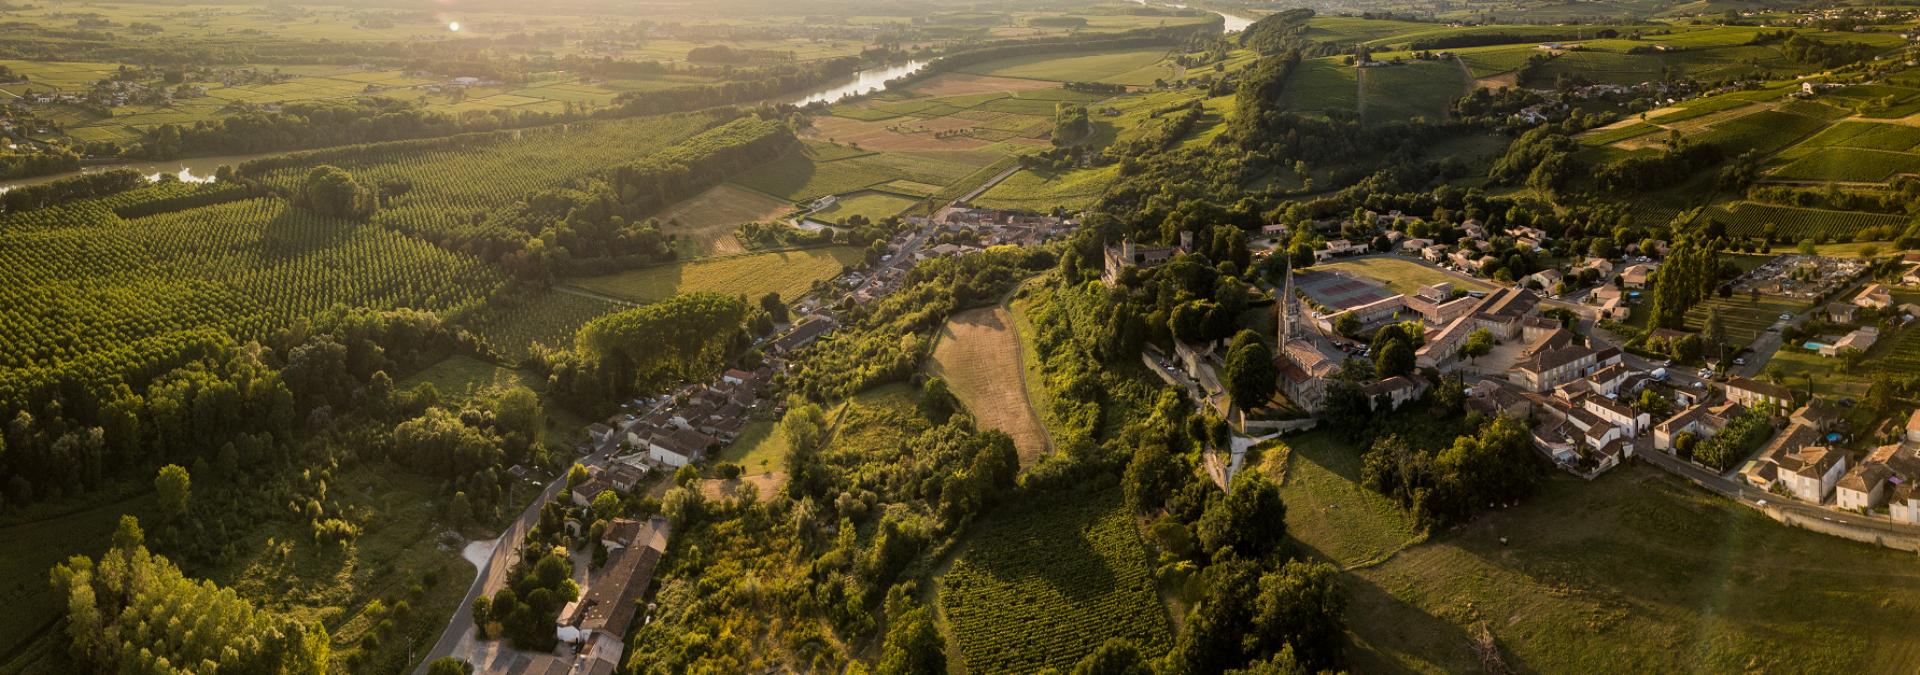 Château Bel Air – Vignobles Méric